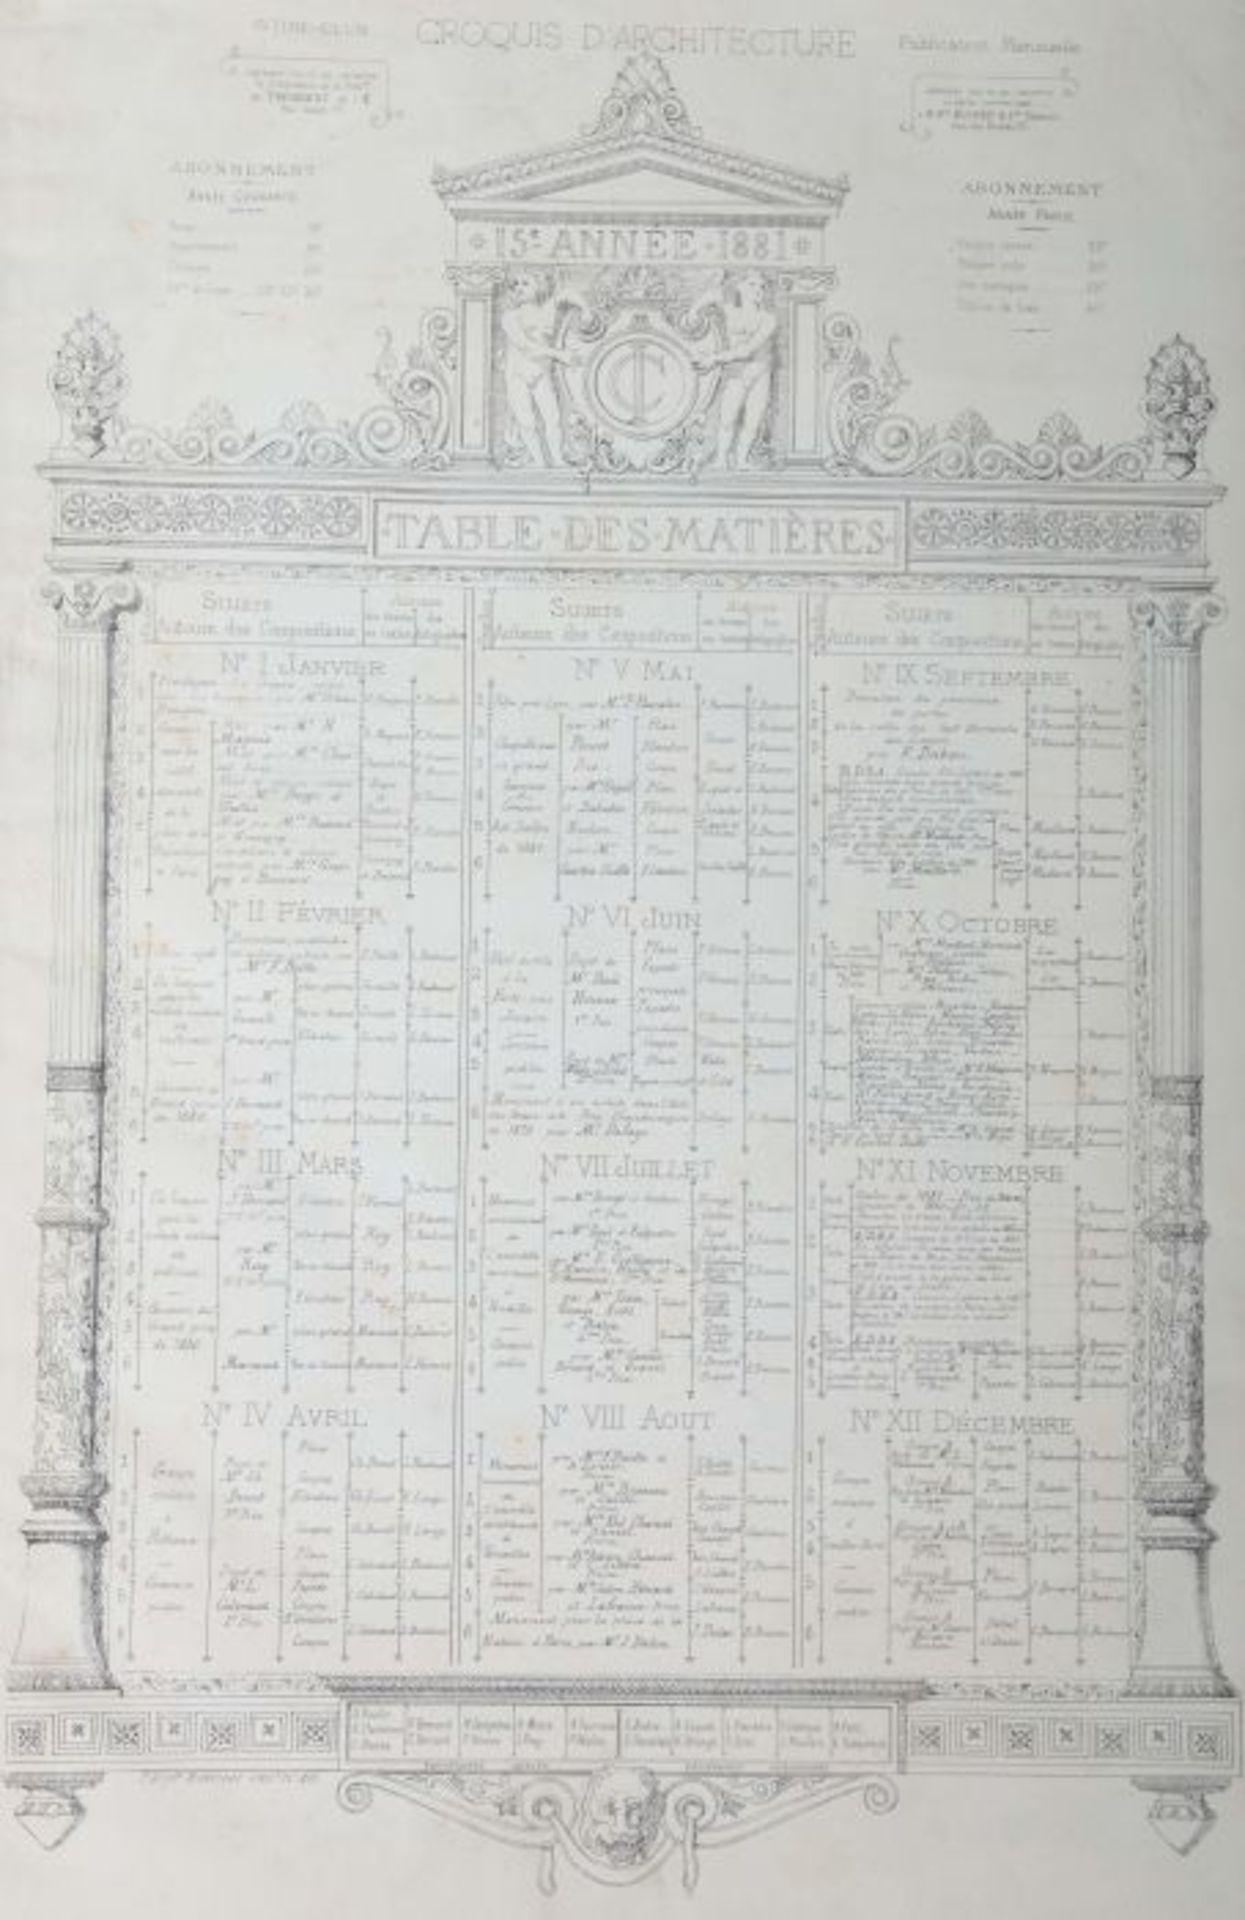 Intime-Club Croquis d'architecture, Publication mensuelle, Paris, 1878/81/84, 3 Bde. (12./15./18. - Bild 3 aus 6